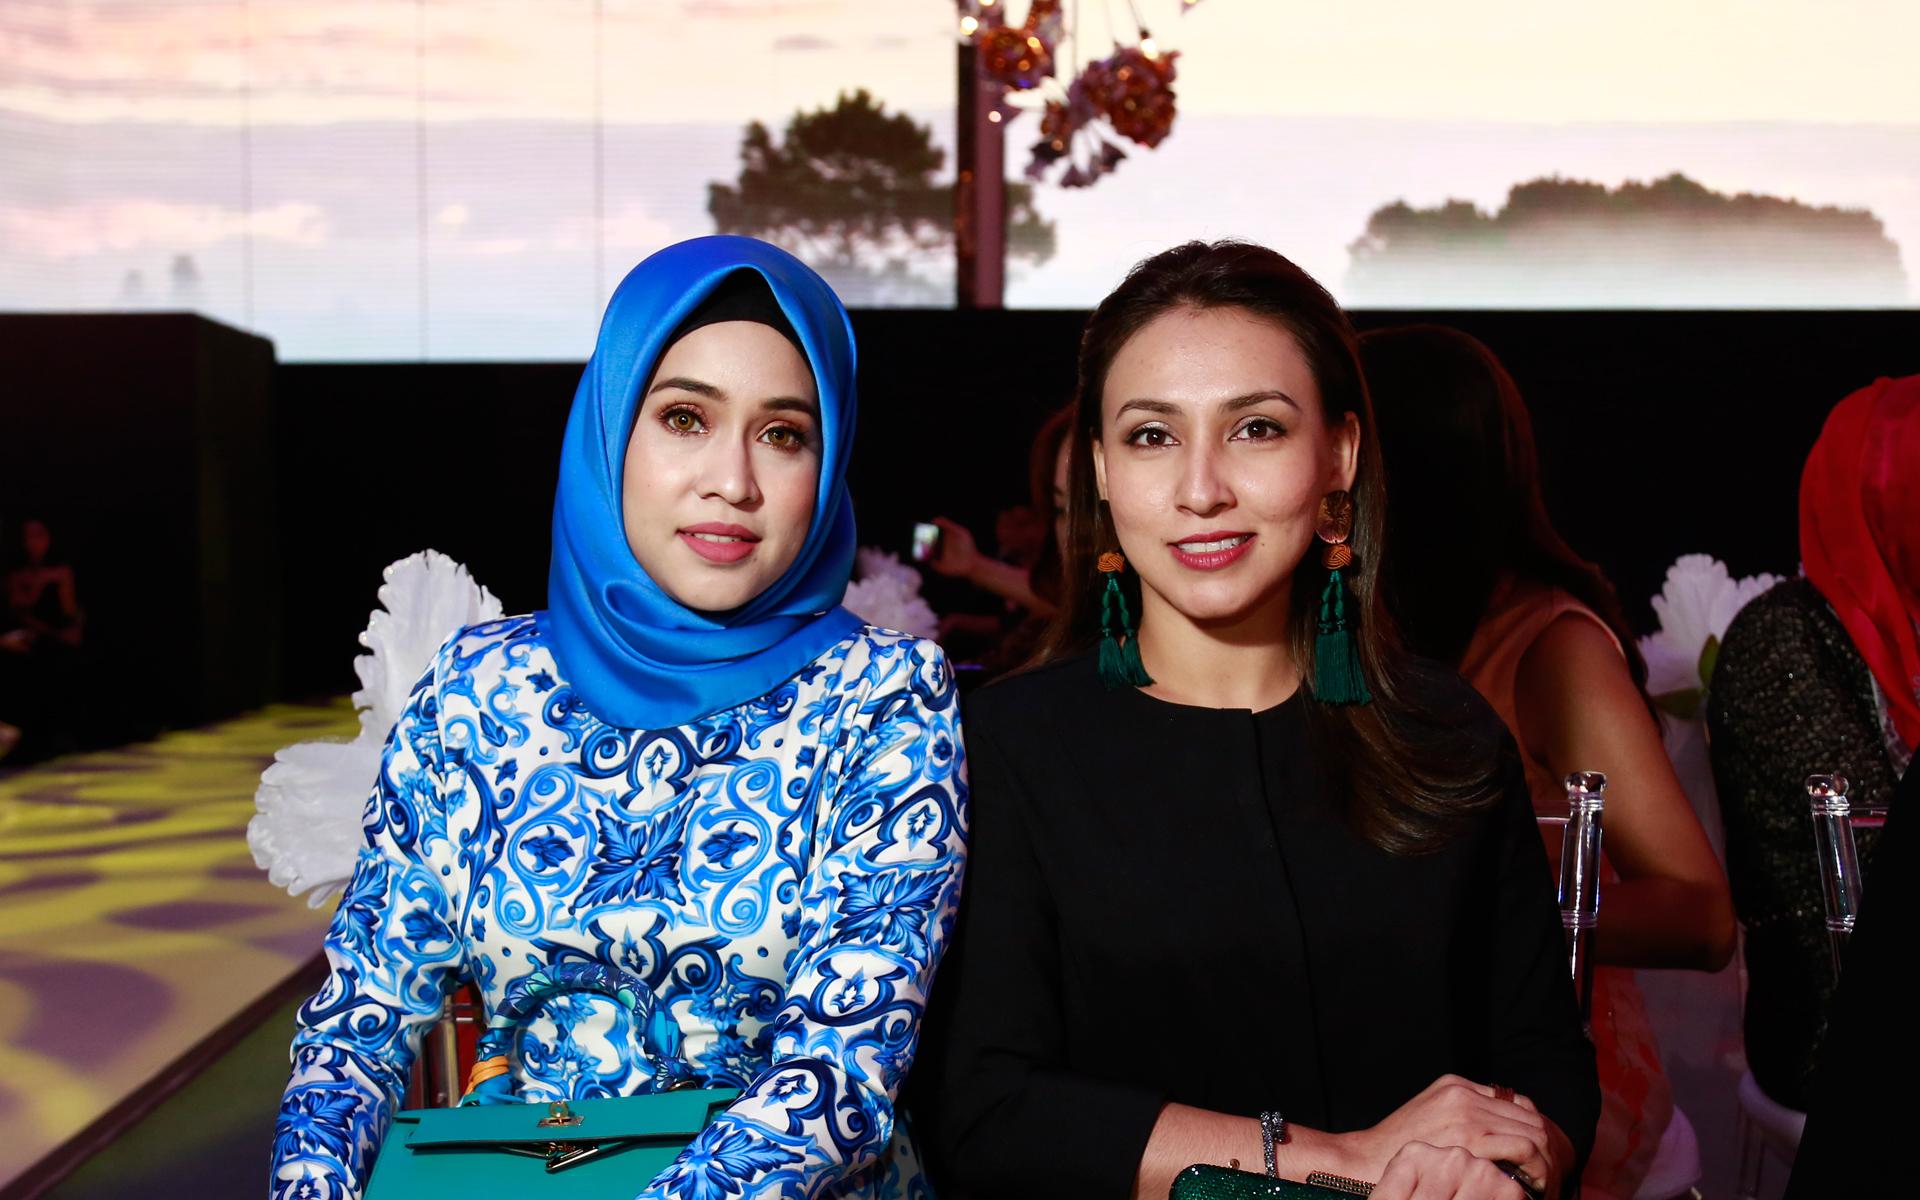 Datin Sharifah Sheena and Hanny Osman